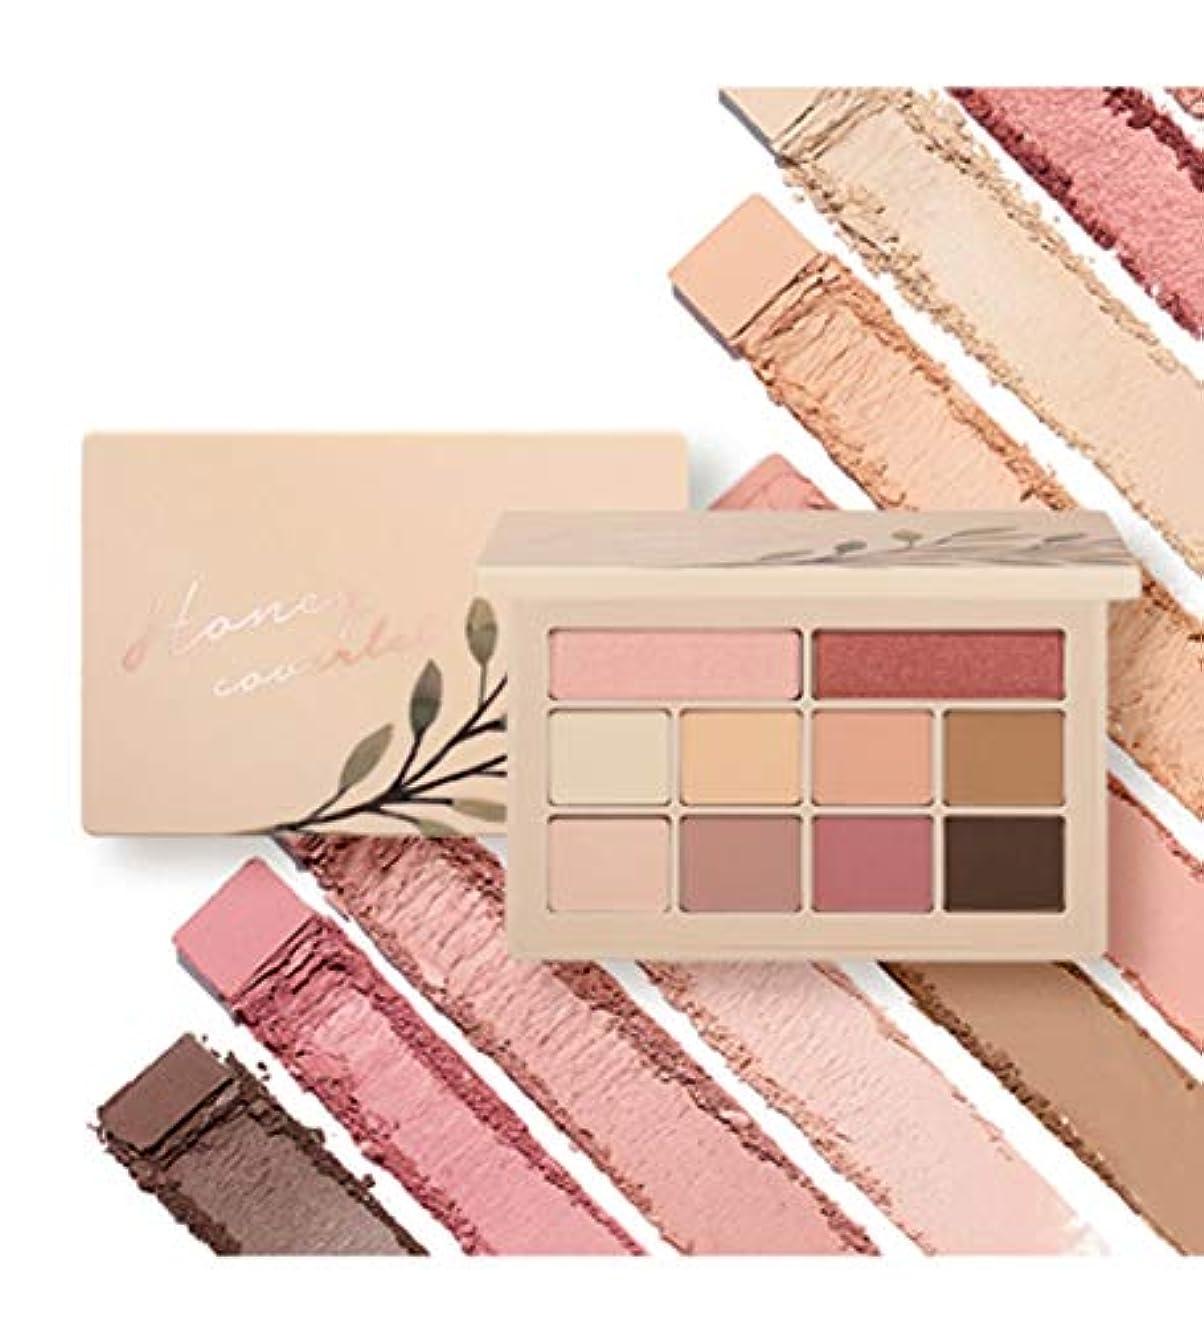 報酬のビールマニアMoonshot Honey Coverlet Eyeshadow Palette YOO IN-NA COLLECTIONwarm tone&cool tone 10色のアイシャドウ(並行輸入品)